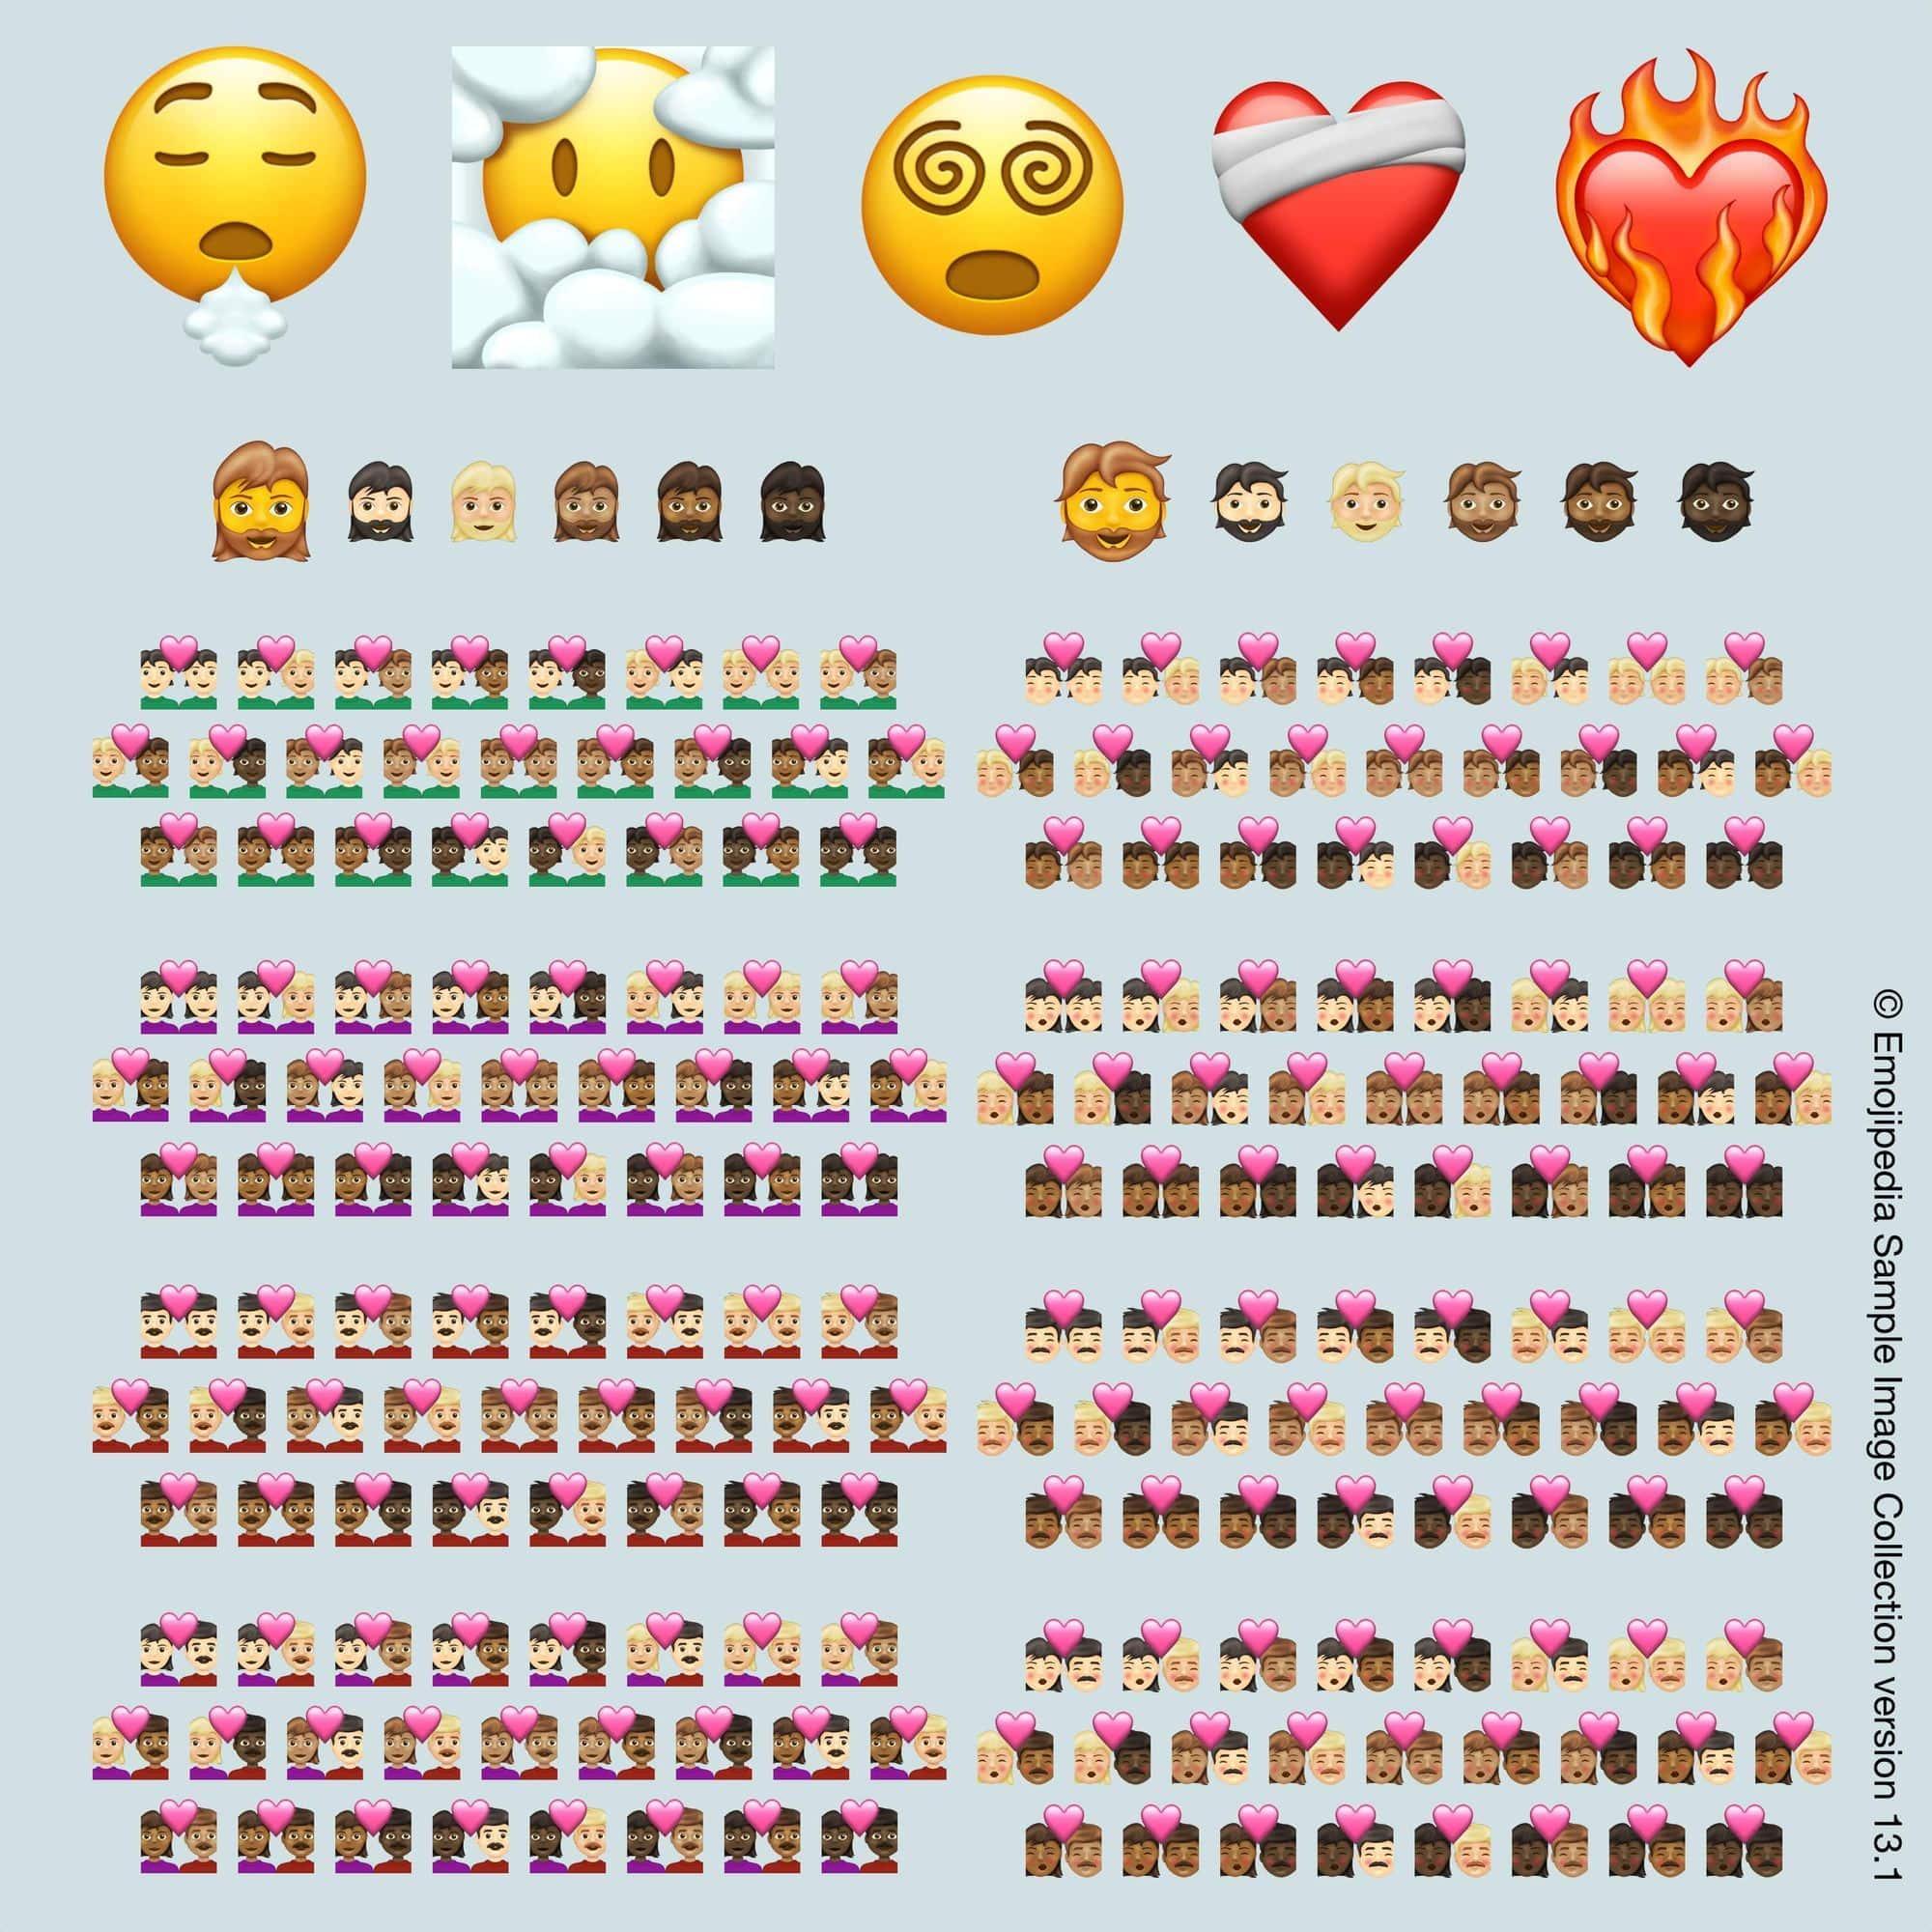 Illustration av de emojis som kommer att släppas under 2021, bild lånad från Emojipedia.org (© Emojipedia).